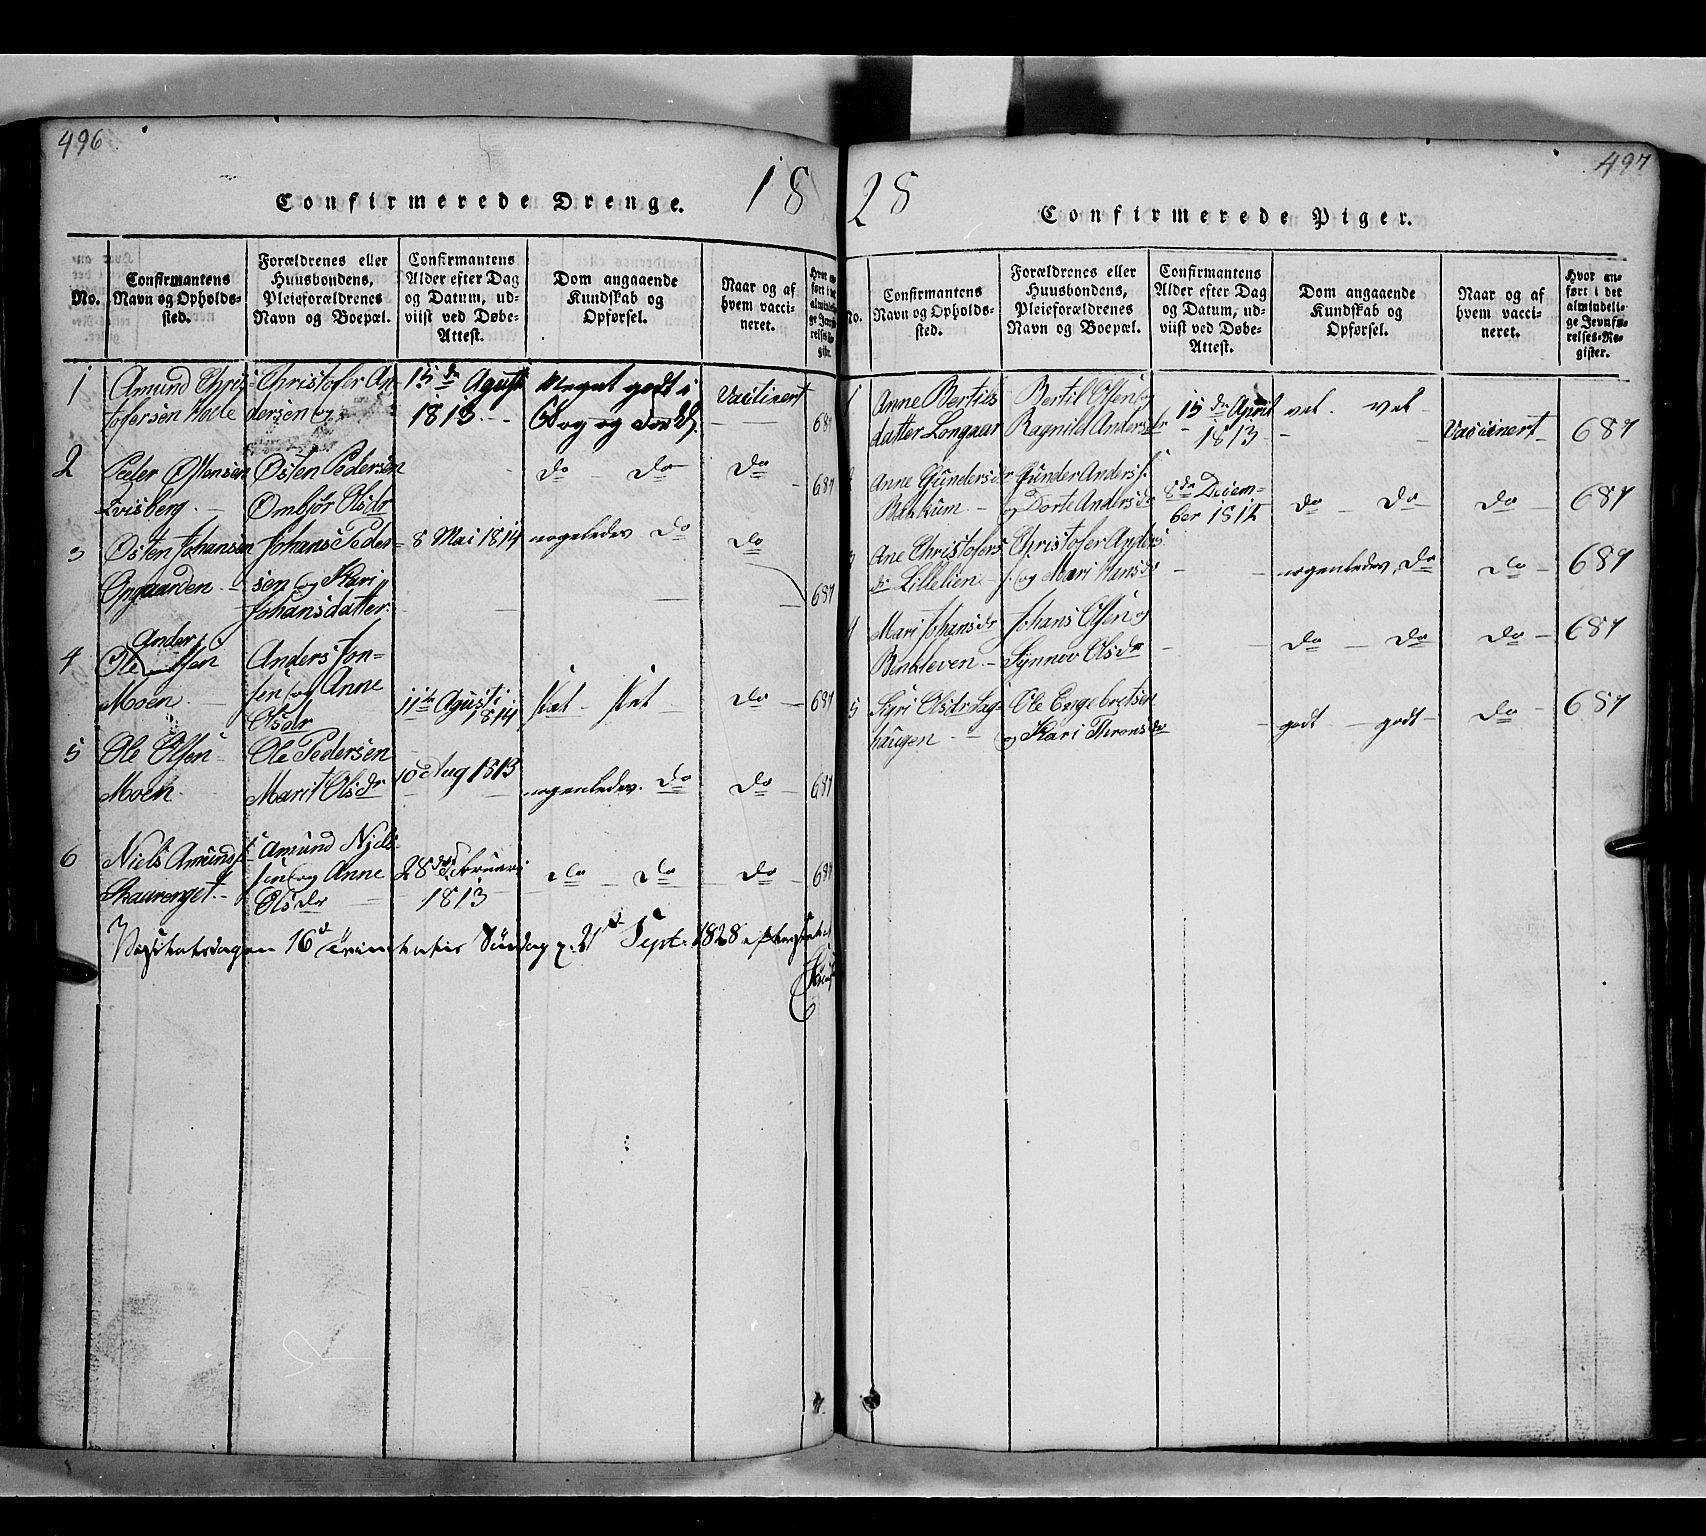 SAH, Gausdal prestekontor, Klokkerbok nr. 2, 1818-1874, s. 496-497